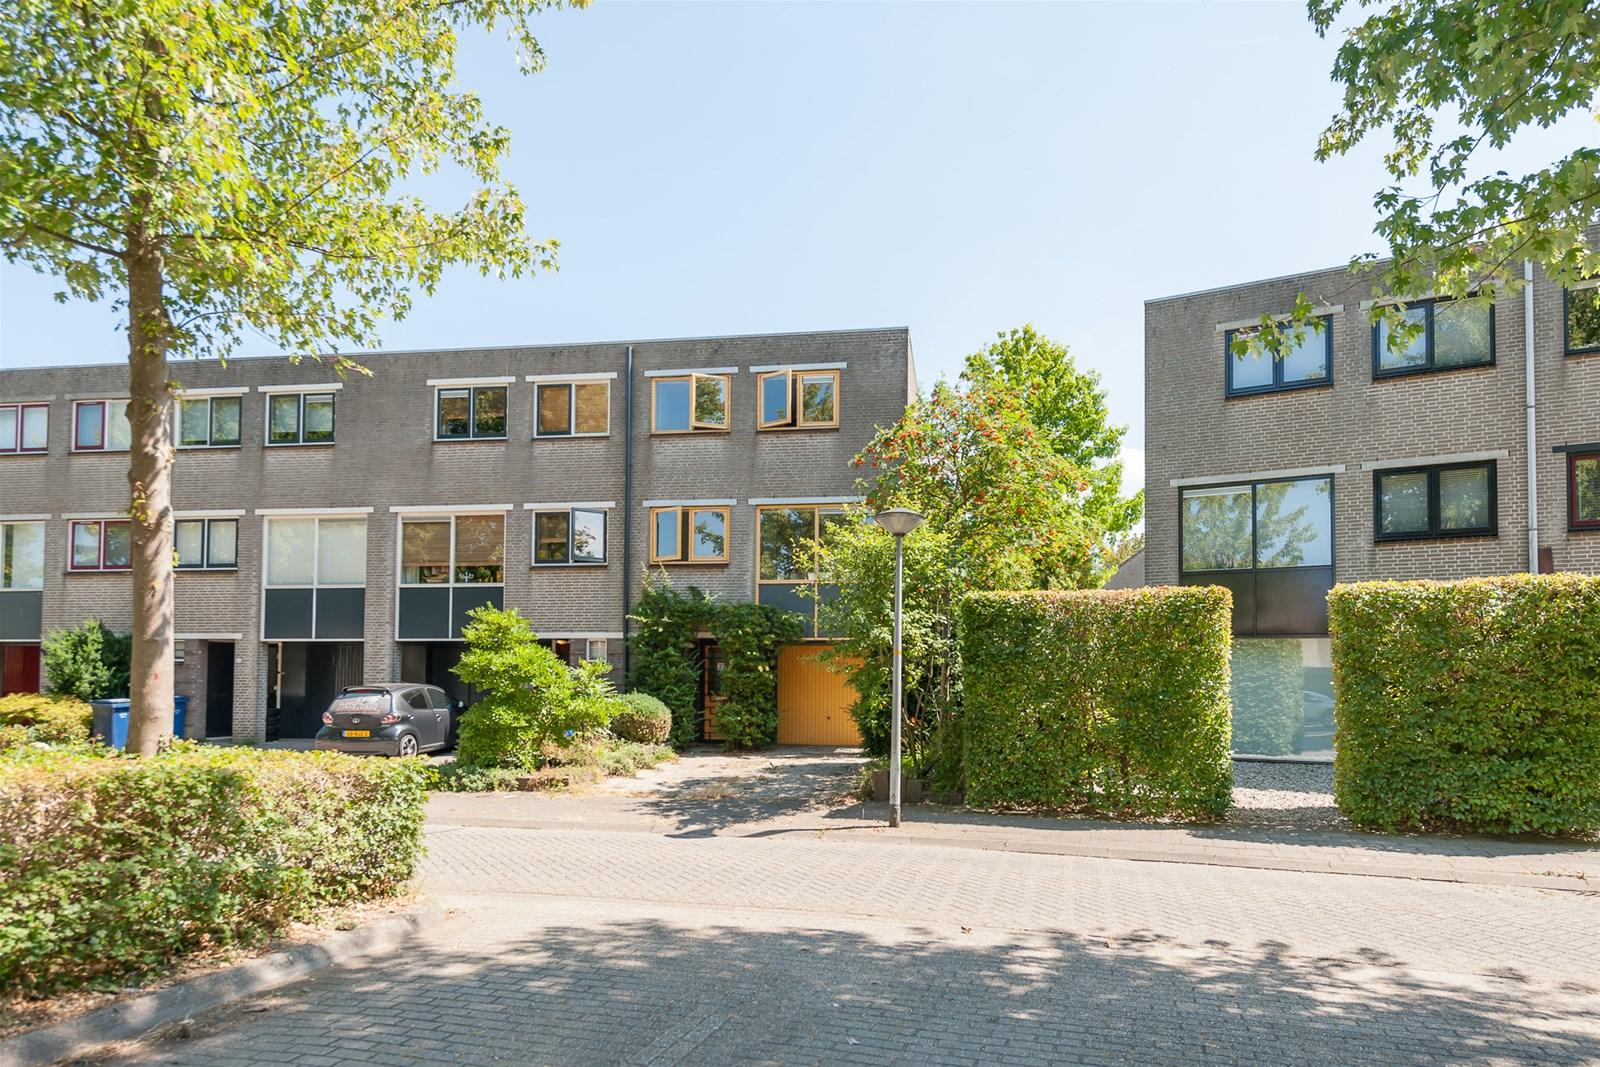 Complete Badkamer Almere : Preludeweg 27 almere muziekwijk vhm makelaars almere